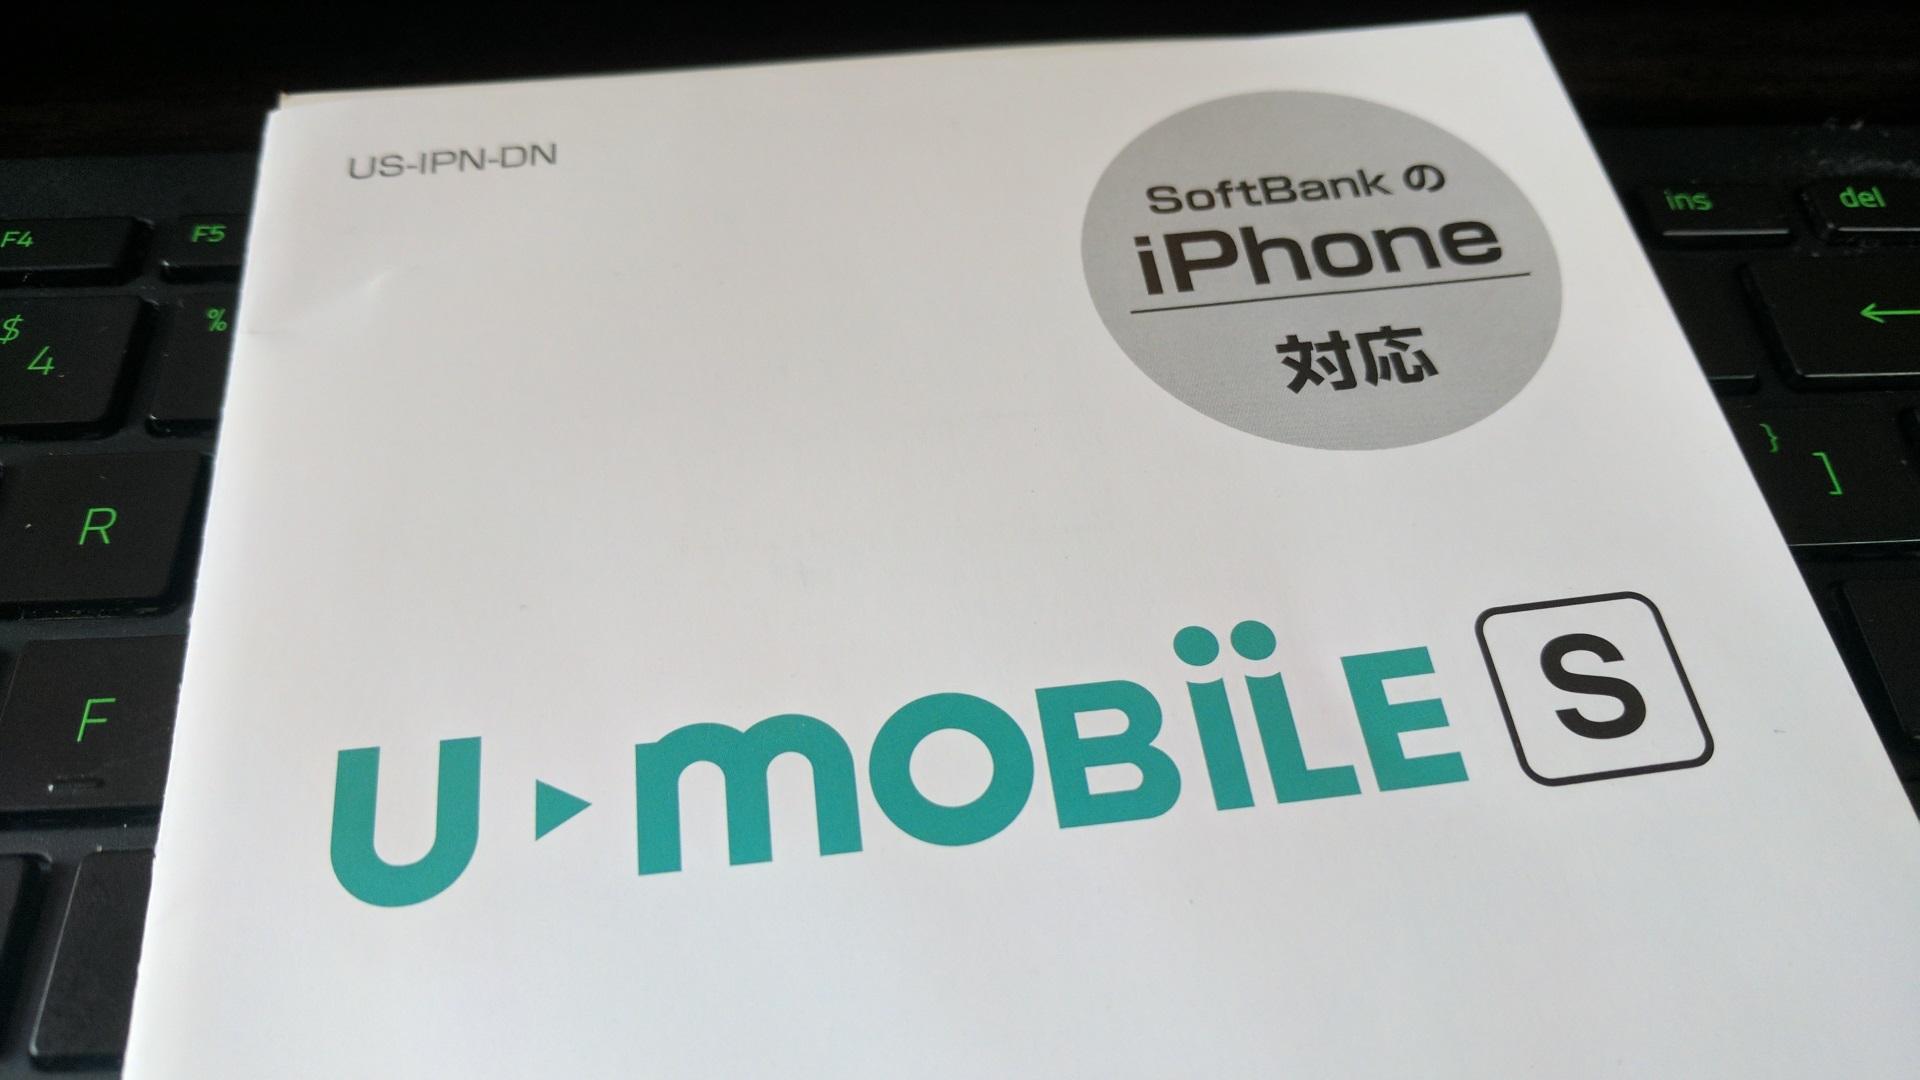 【レポート】「U-mobile S」、全然iPhone専用じゃなかった!Androidでも利用できました